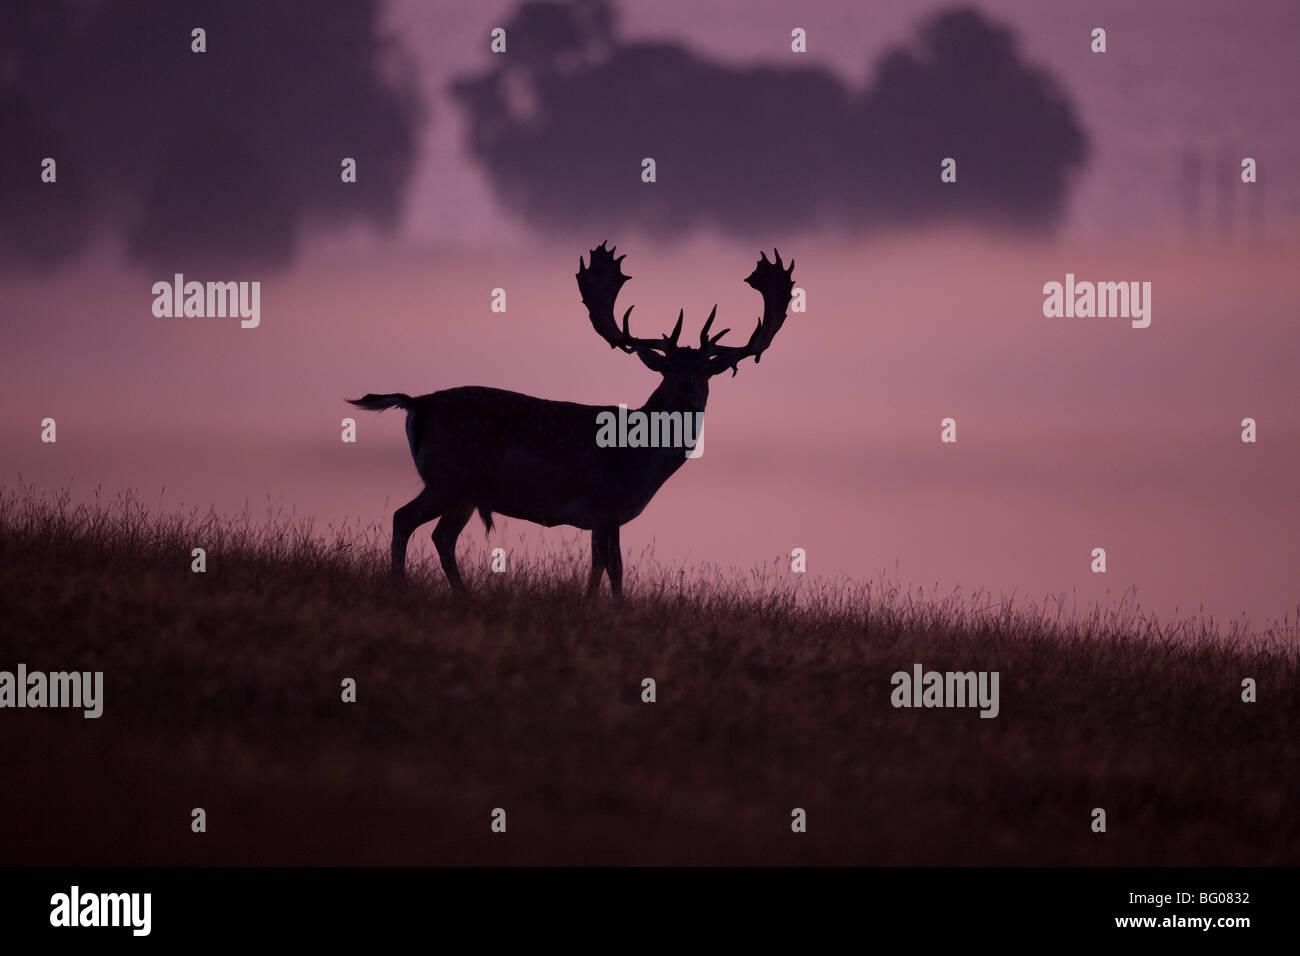 Damhirsch (Dama Dama), Hirsch vor dem nebligen Hintergrund. Stockbild